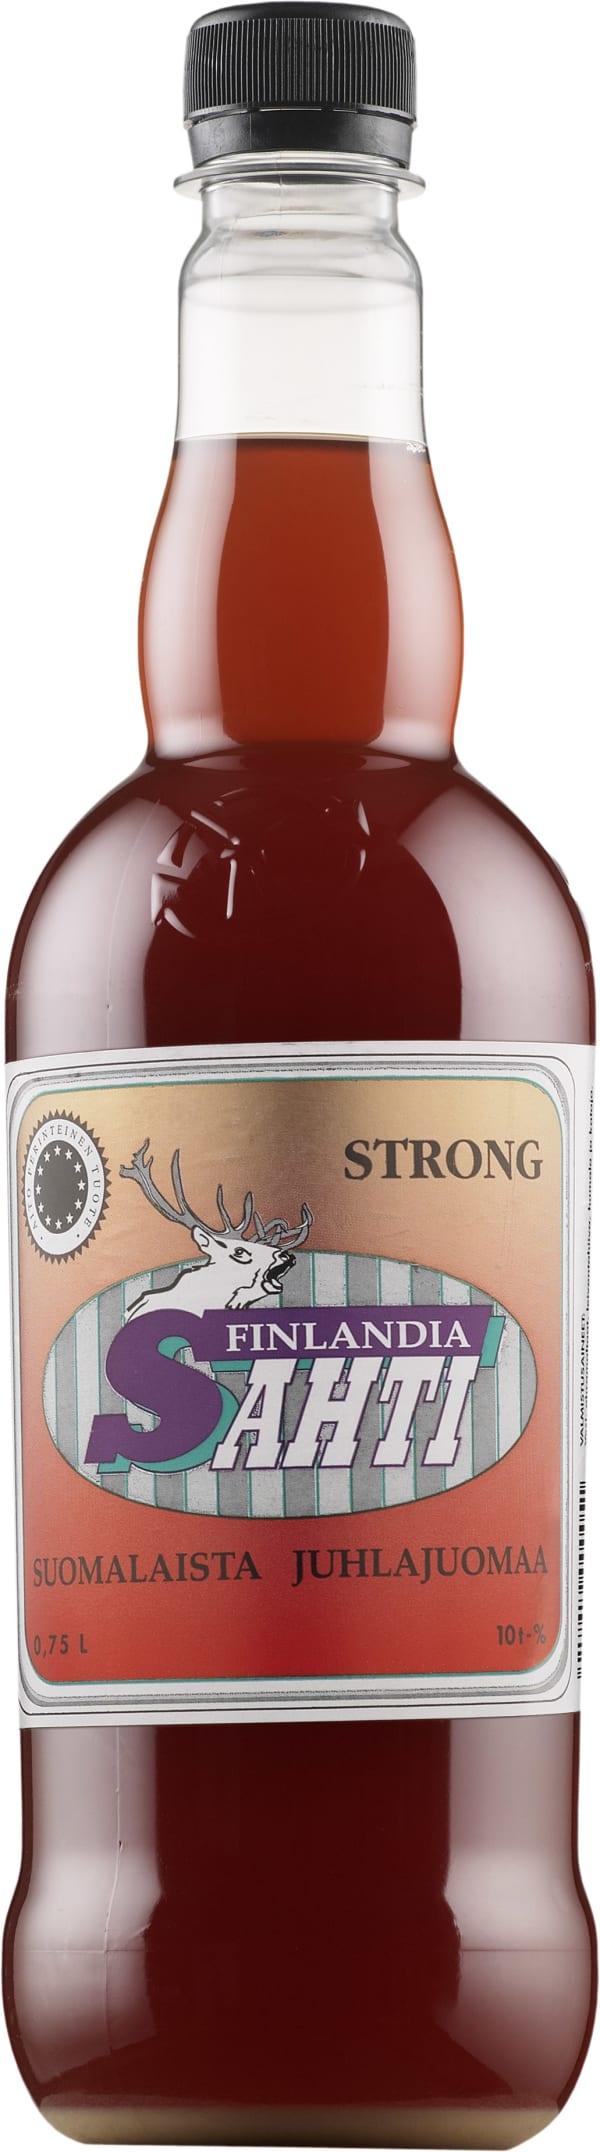 Finlandia Sahti Strong plastic bottle